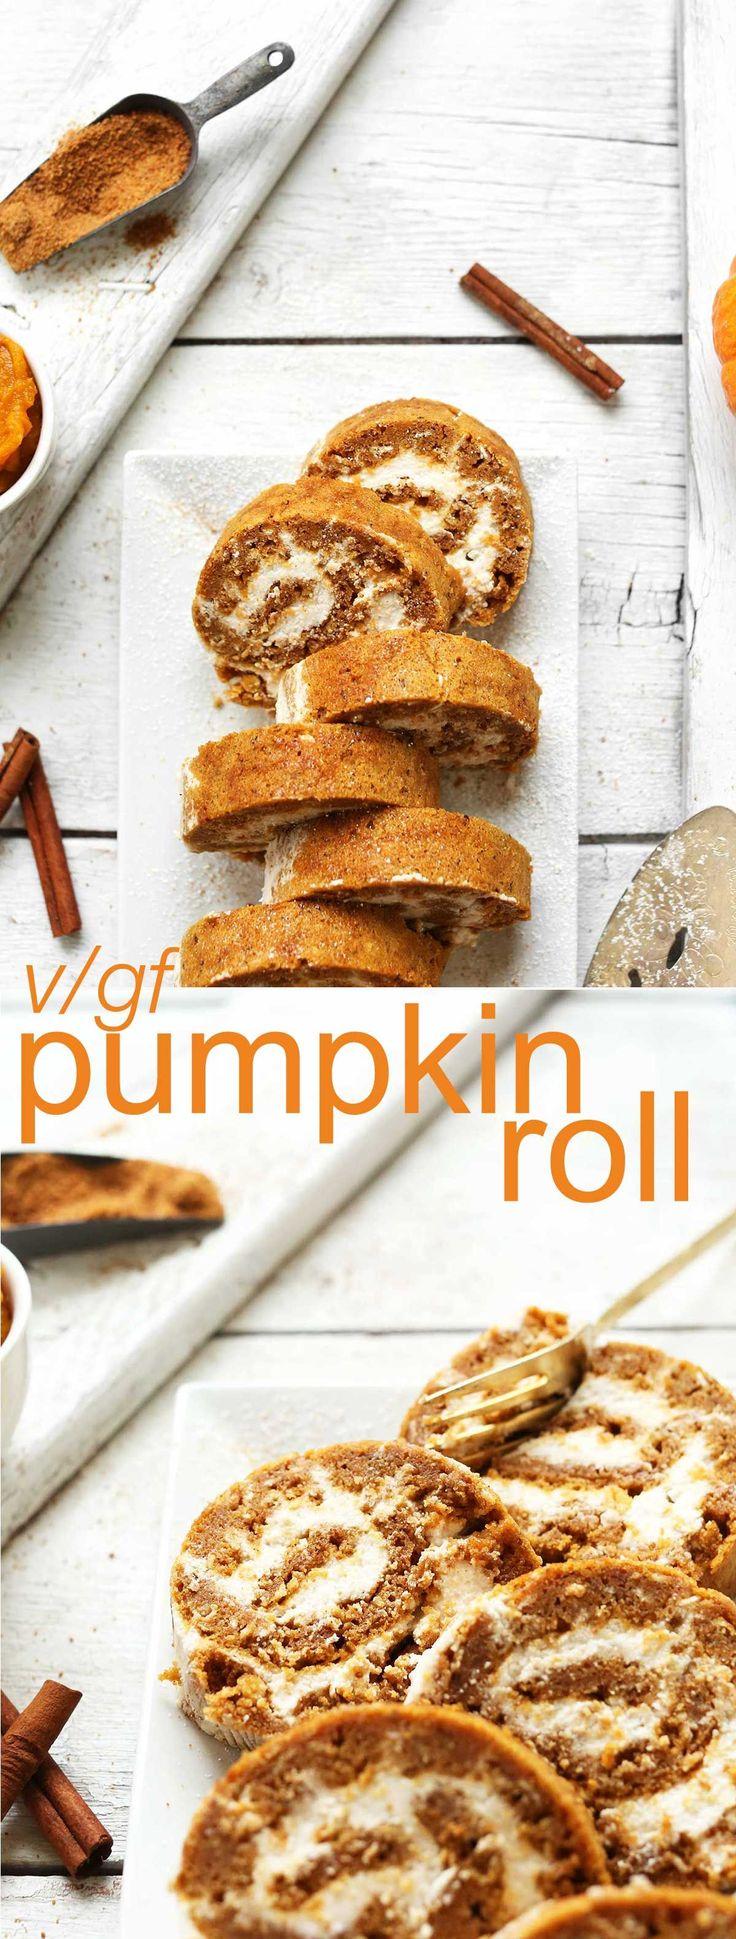 Vegan Gluten-Free Pumpkin Roll